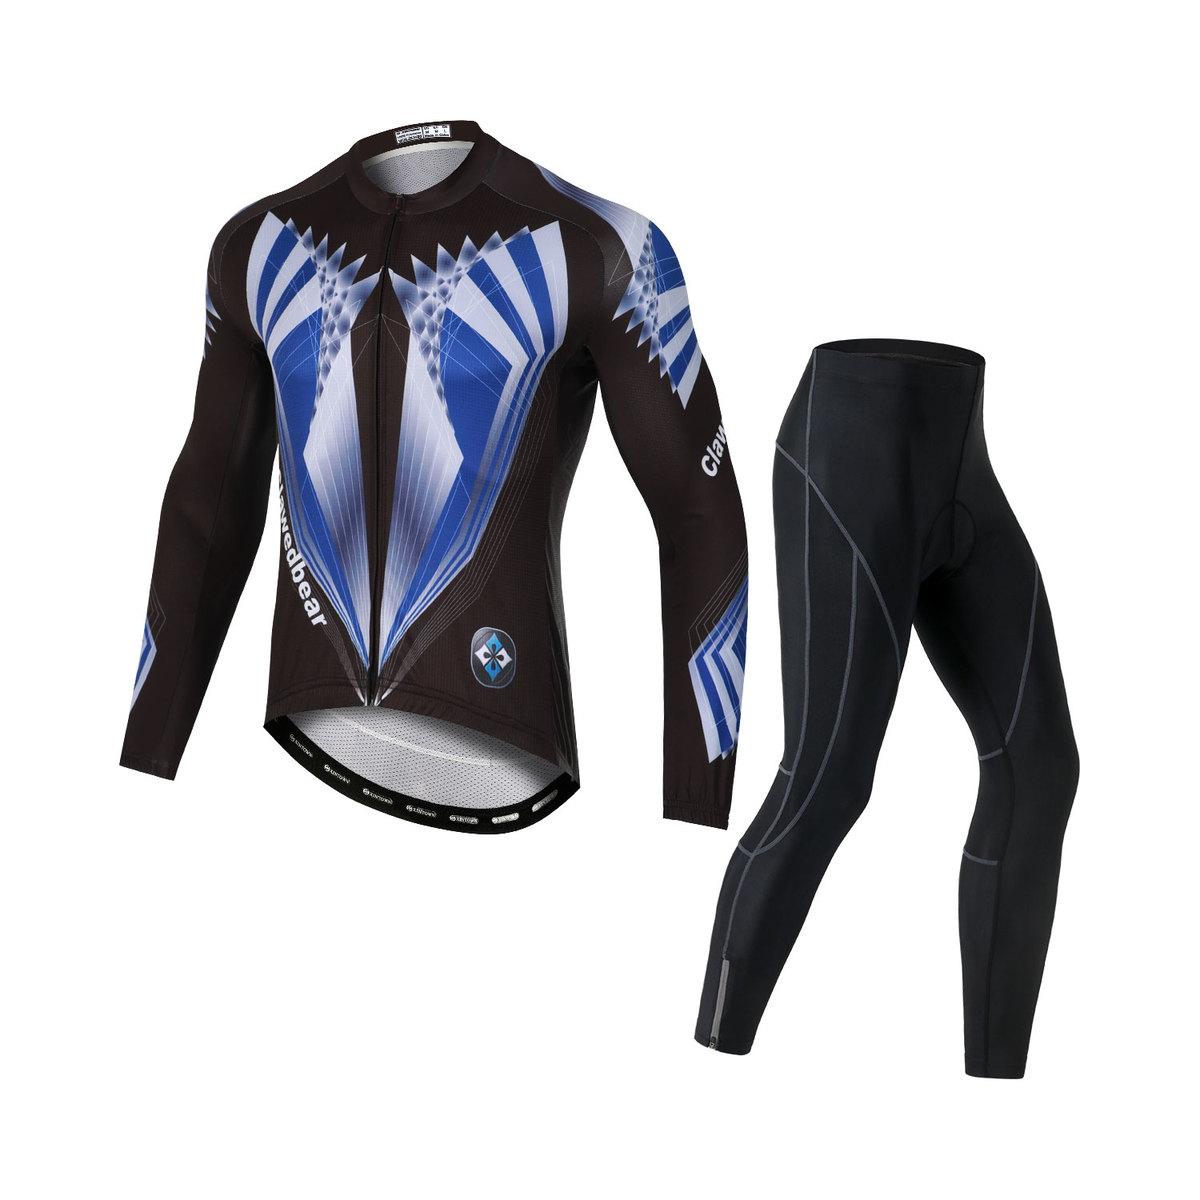 サイクルジャージ 信託 サイクルウェア 国産品 メンズ 薄手長袖 上下セット サイクルパンツ 速乾 男性用 自転車 ゲルパット 吸汗